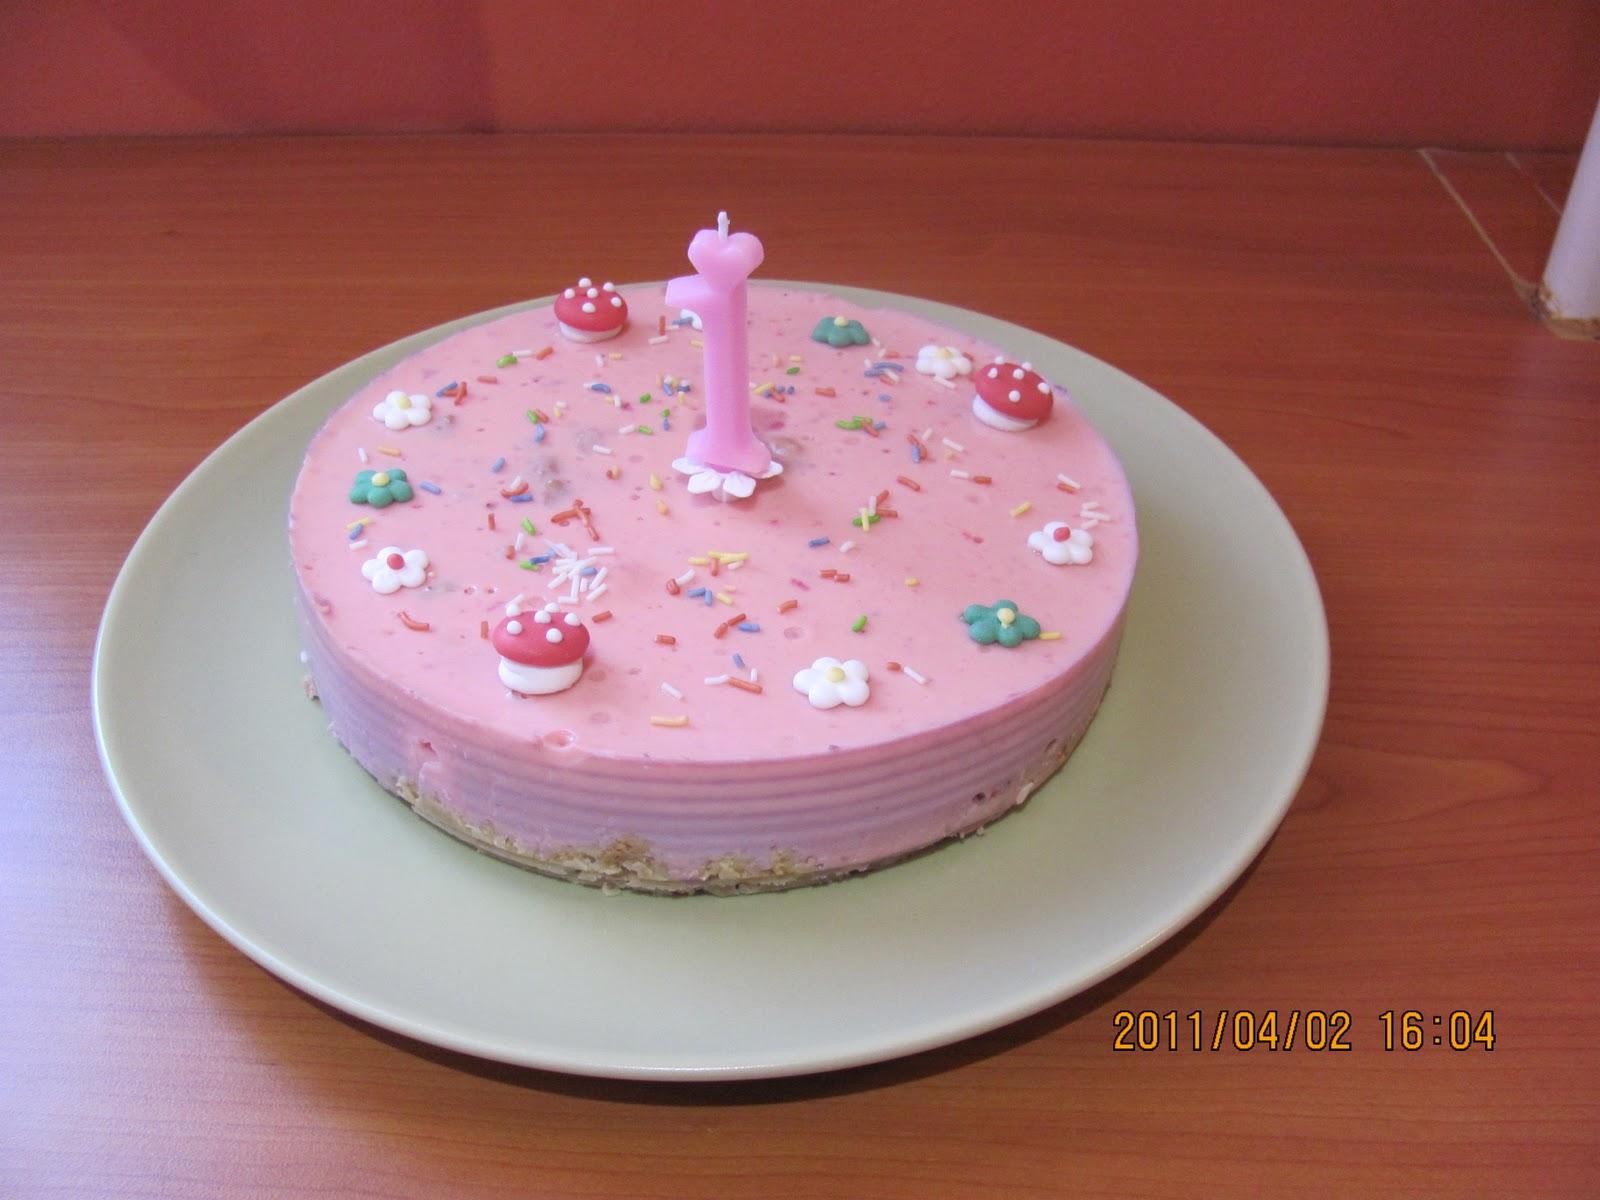 szülinapi torta babának Andi Kaszi család: Joghurt torta babáknak szülinapi torta babának